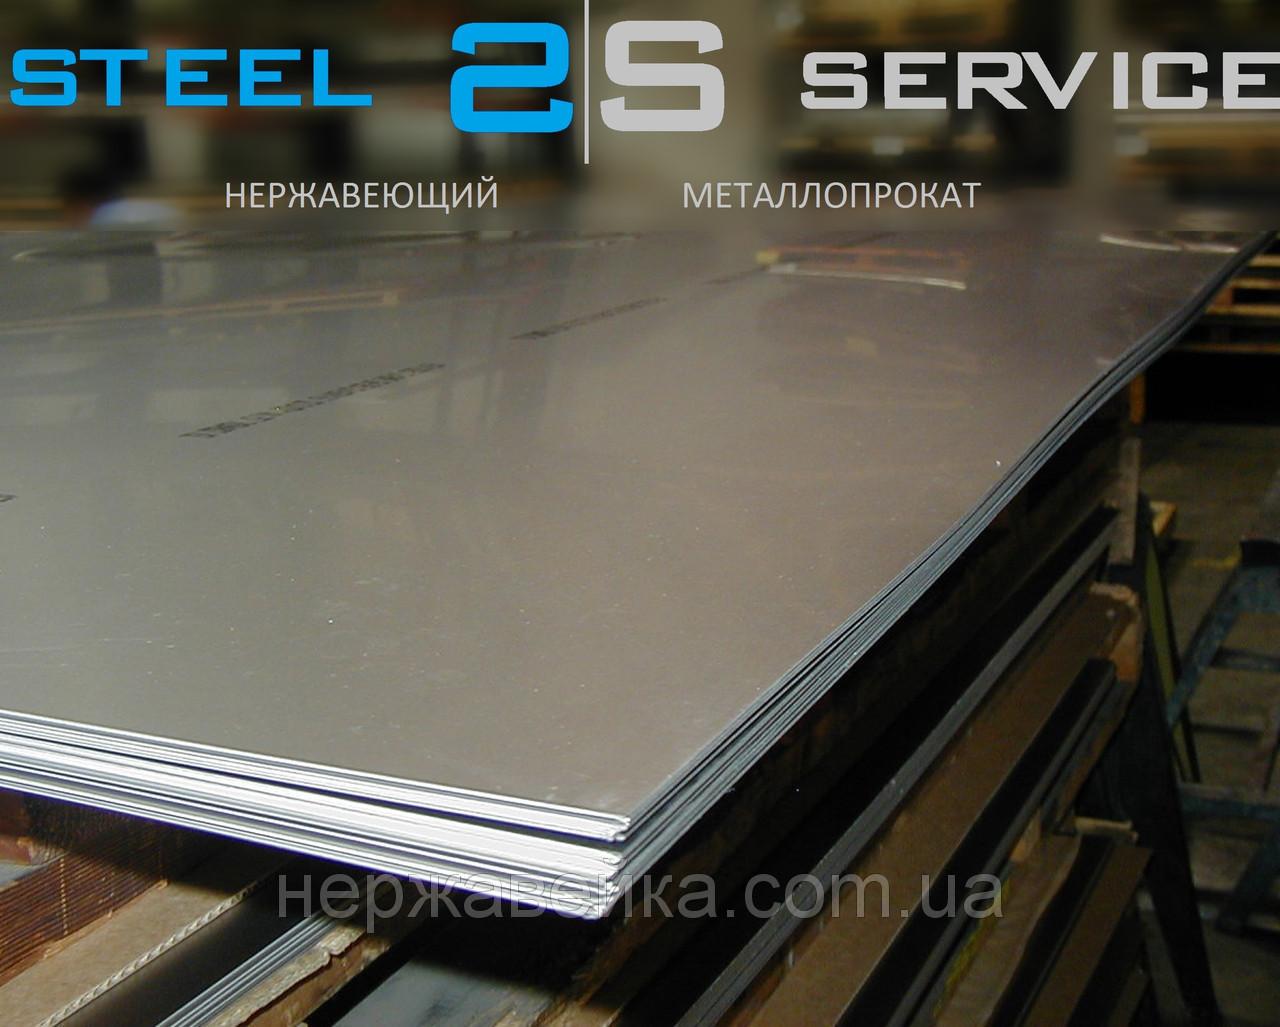 Нержавейка лист 12х1500х3000мм  AISI 310(20Х23Н18) F1 - горячекатанный,  жаропрочный